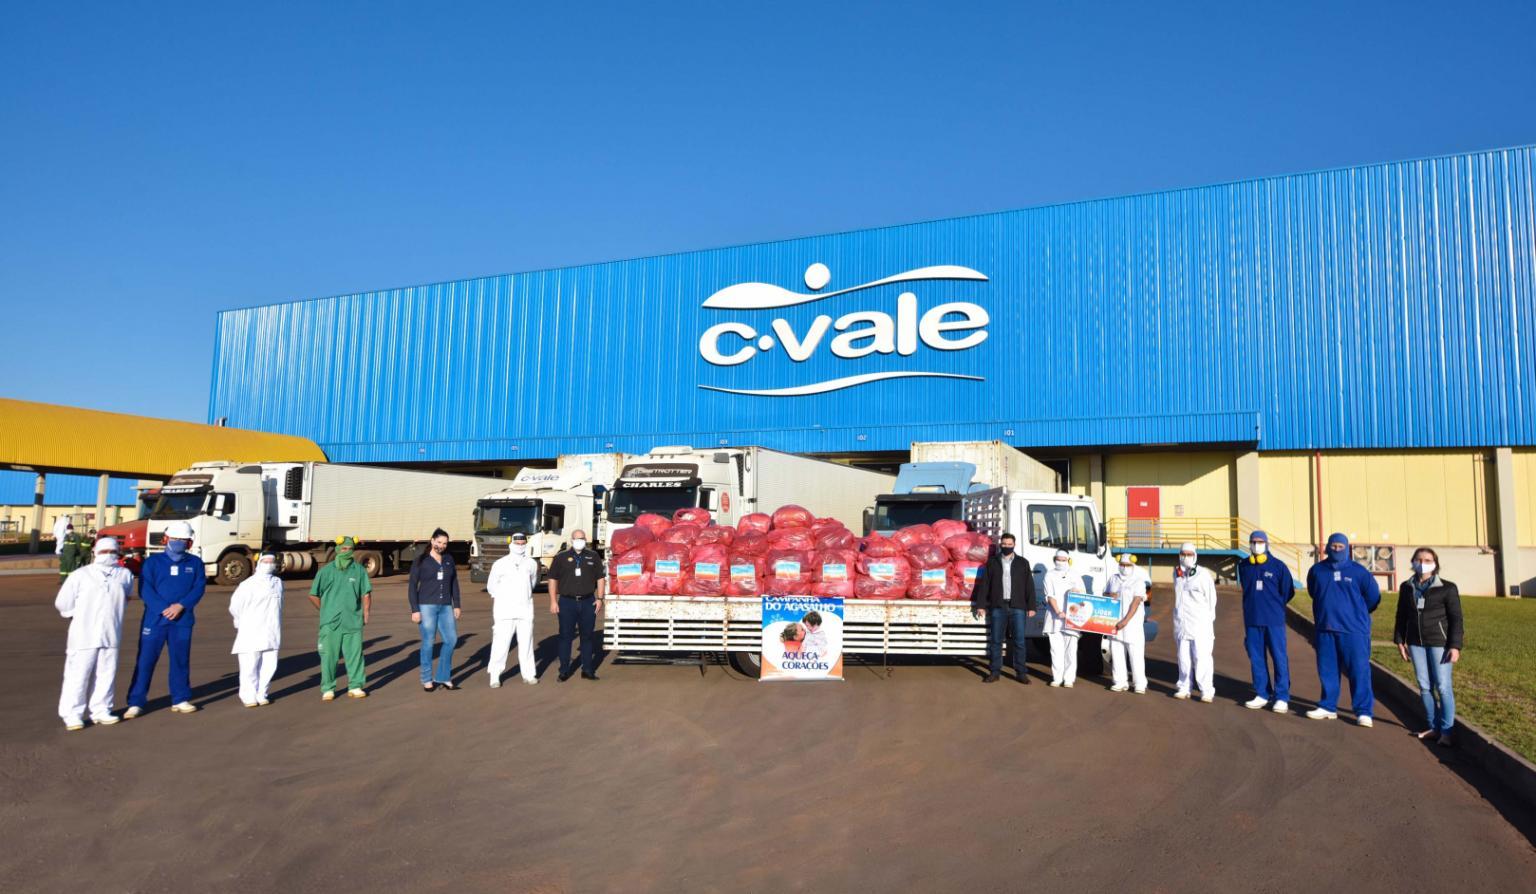 C.Vale contrata eletricistas, mecânicos, analistas e mais profissionais para vagas em seu complexo Industrial neste dia, 17 de junho